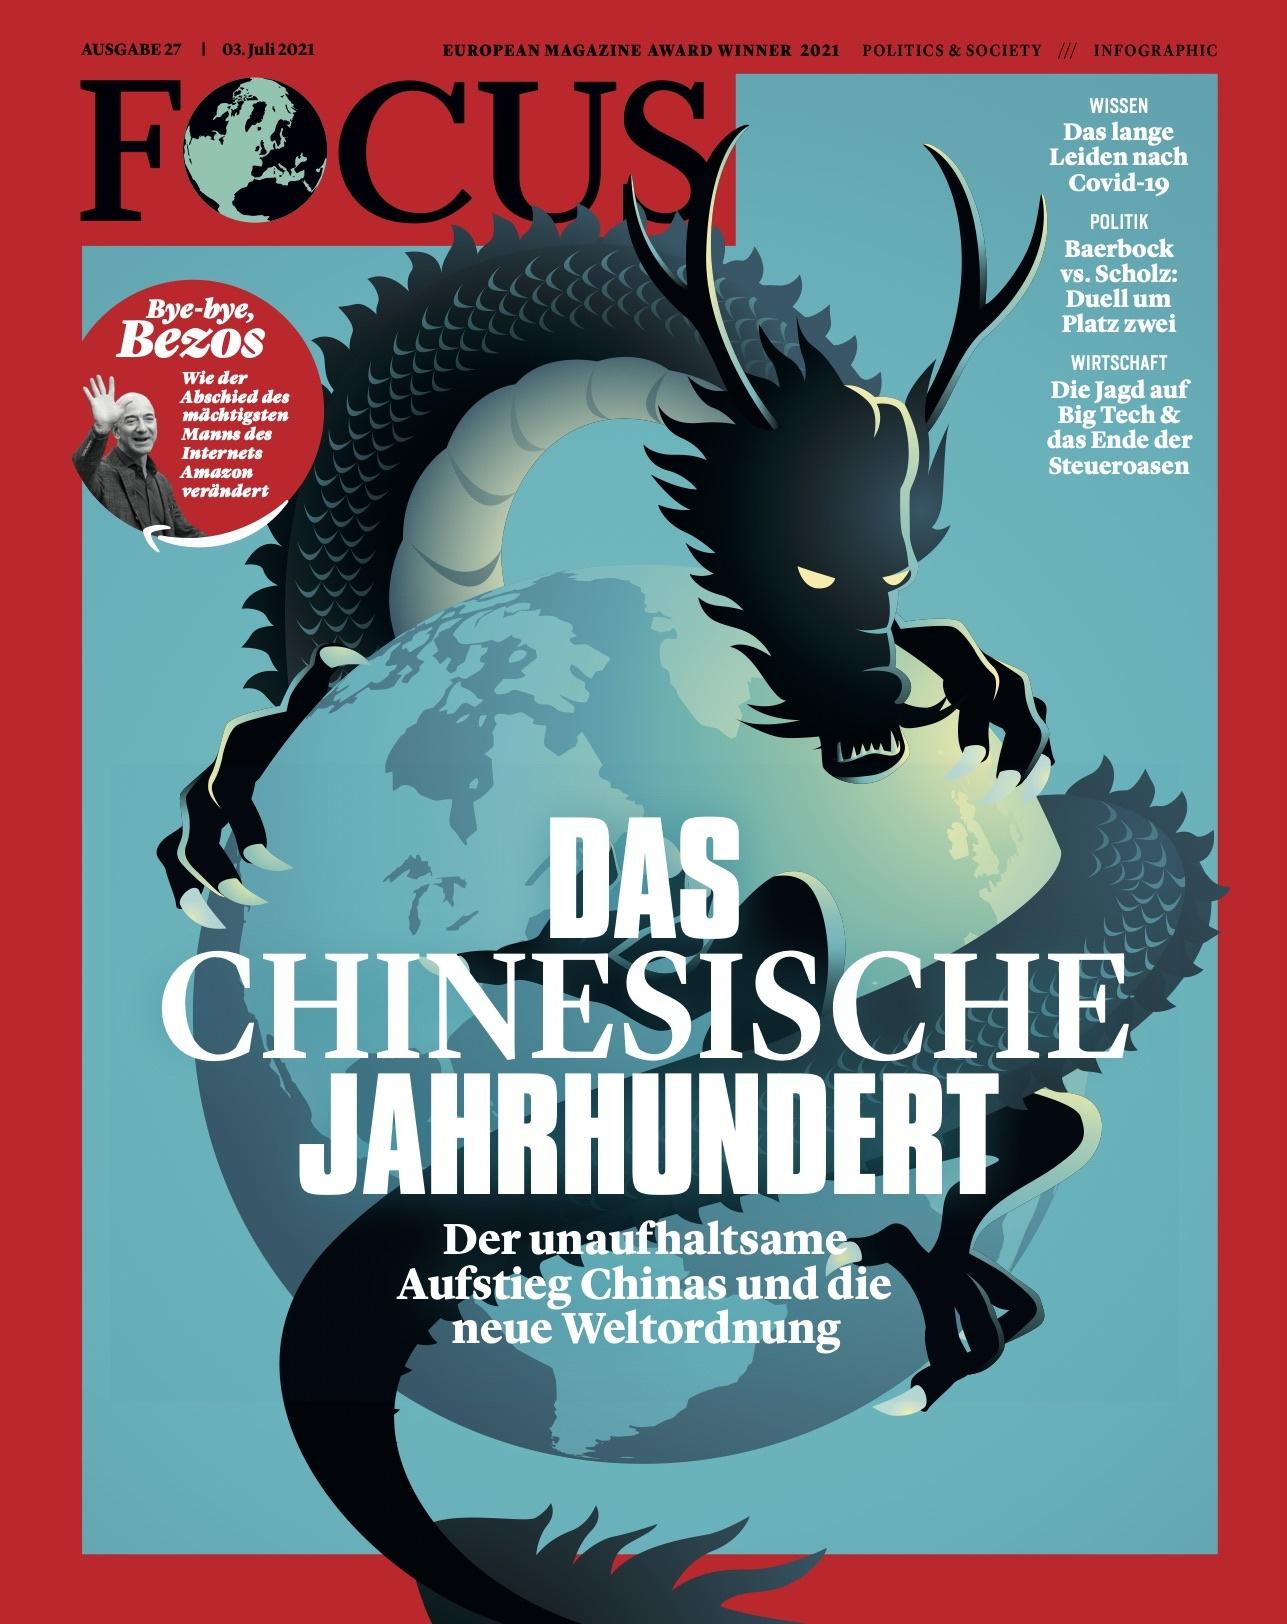 FOCUS Magazin FOCUS Magazin - Das chinesische Jahrhundert